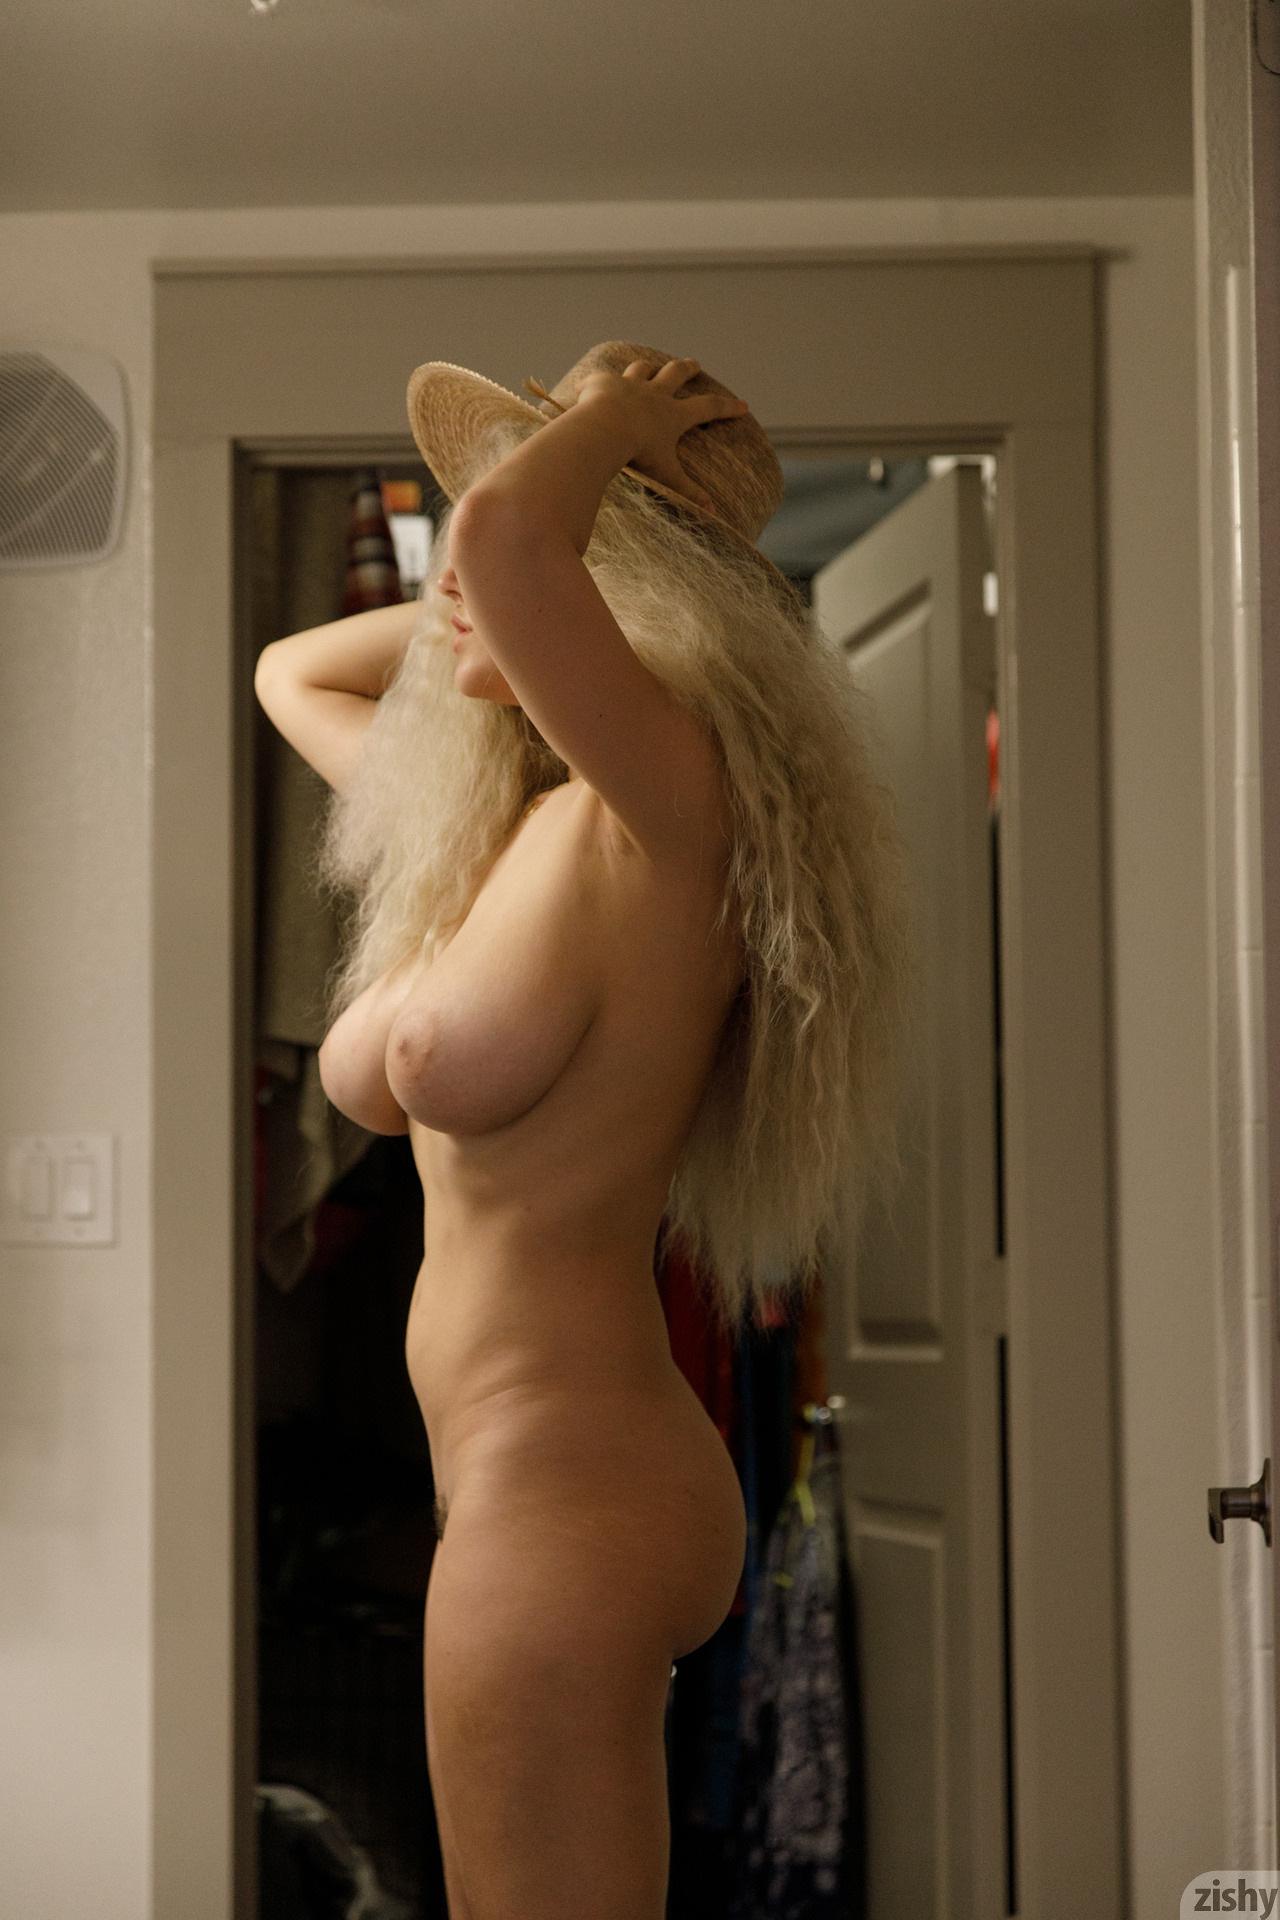 Sabrina Nichole Wigging Out Zishy (10)